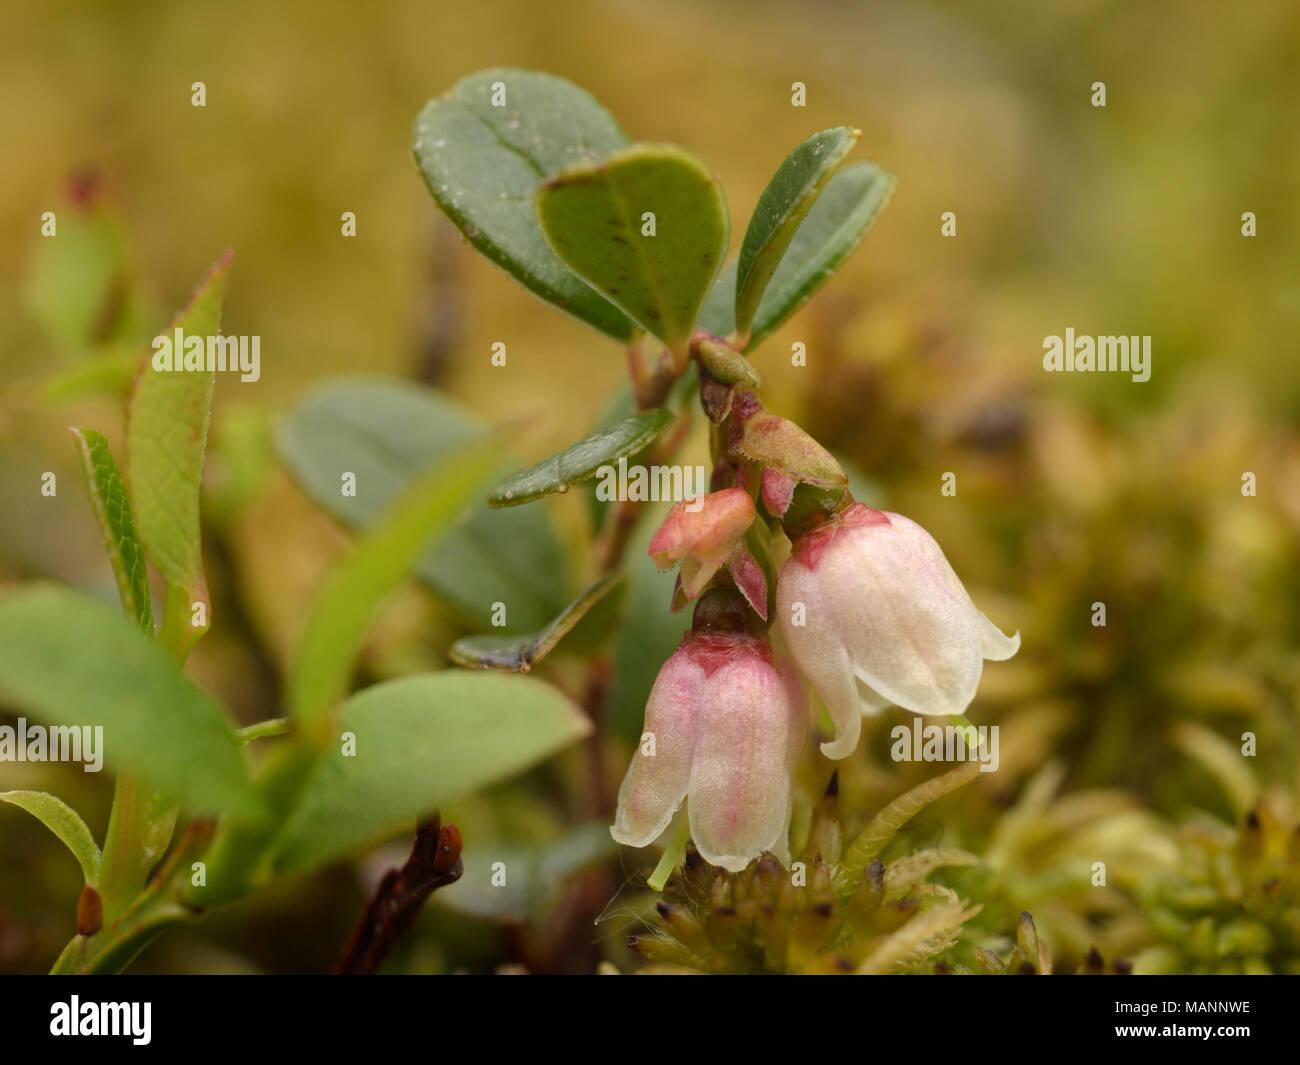 Cowberry, Vaccinium vitis-idaea - Stock Image